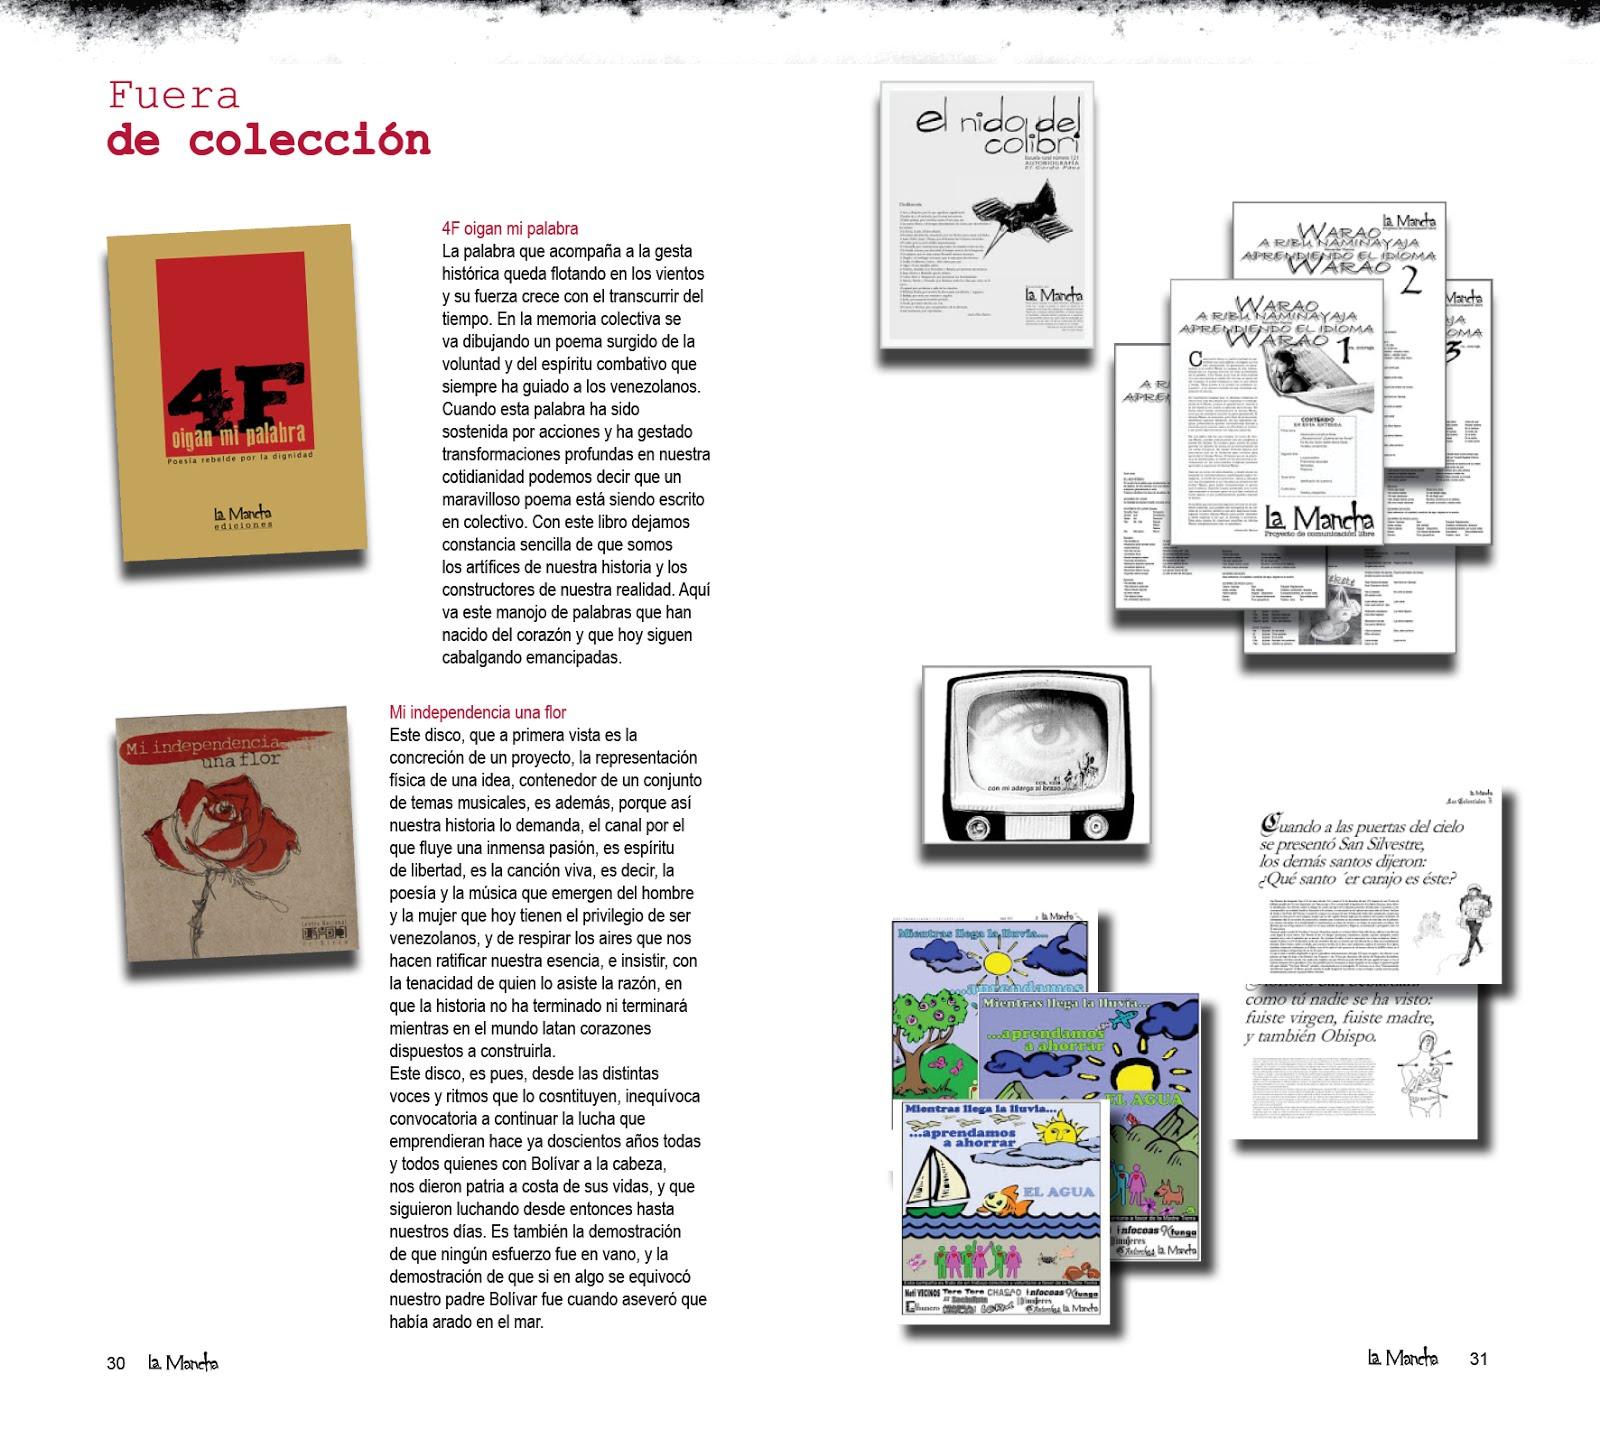 EDICIONES FUERA DE COLECCIÓN